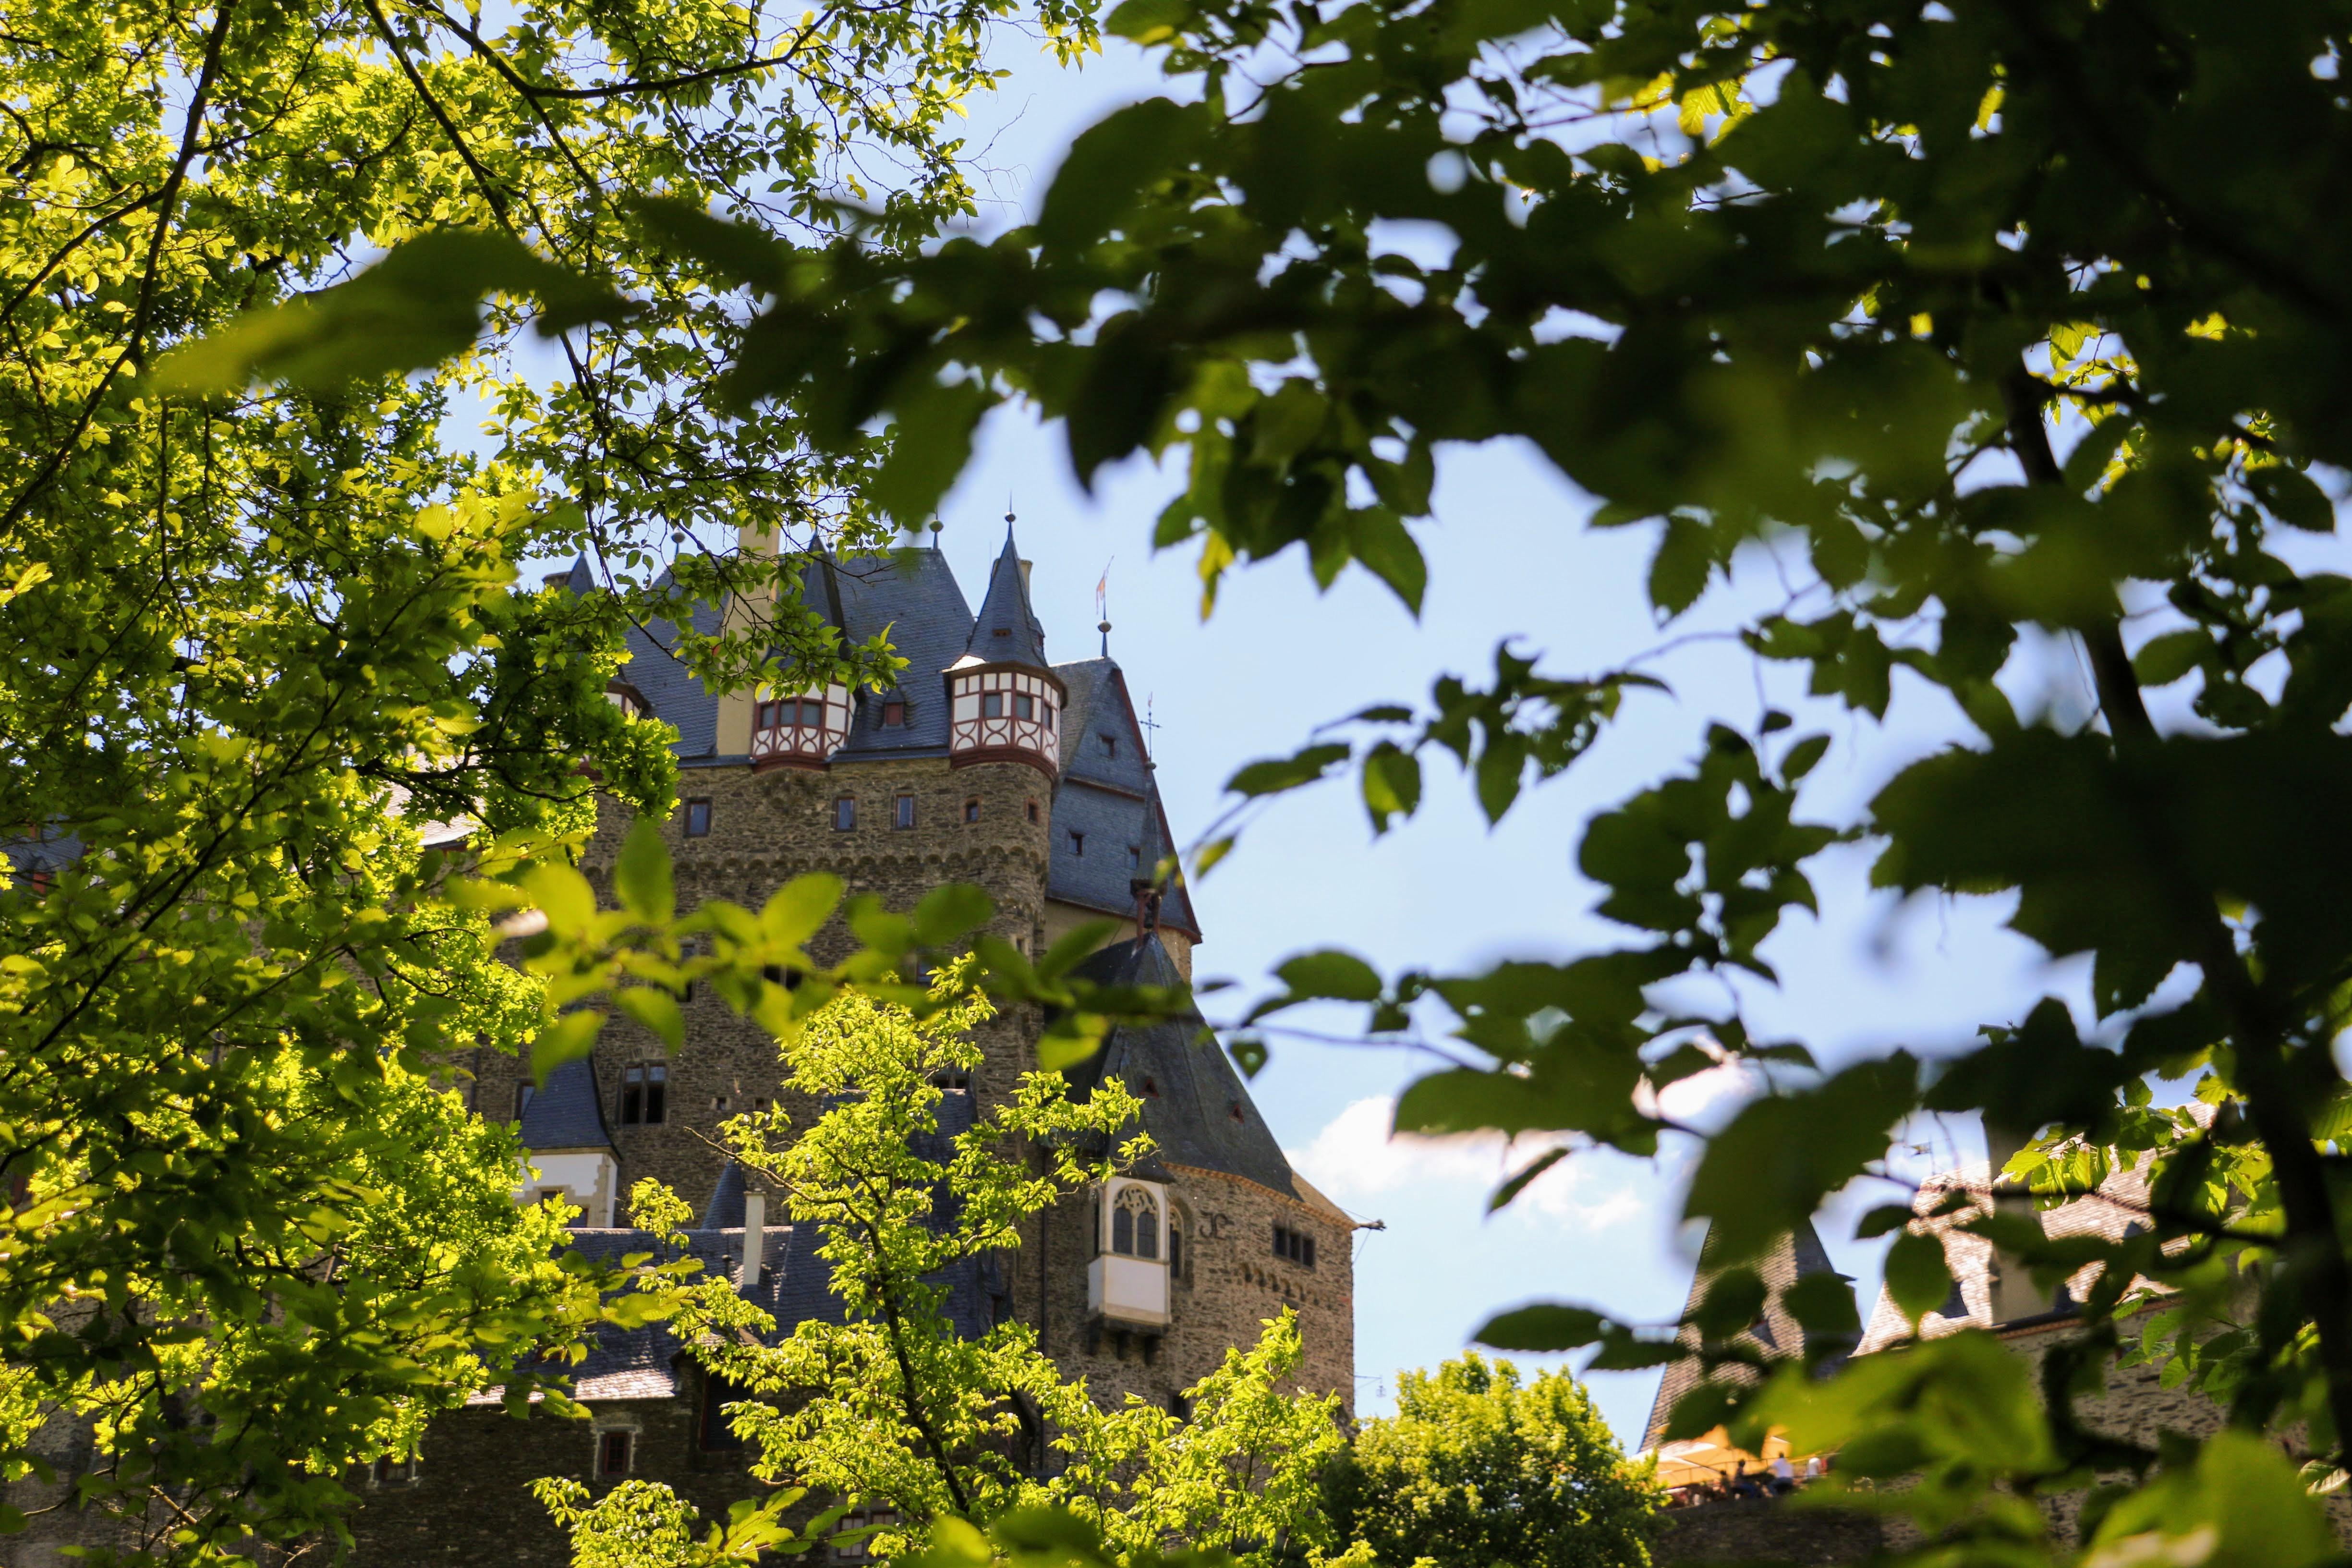 Wandeling naar Burg Eltz aan de Moezel